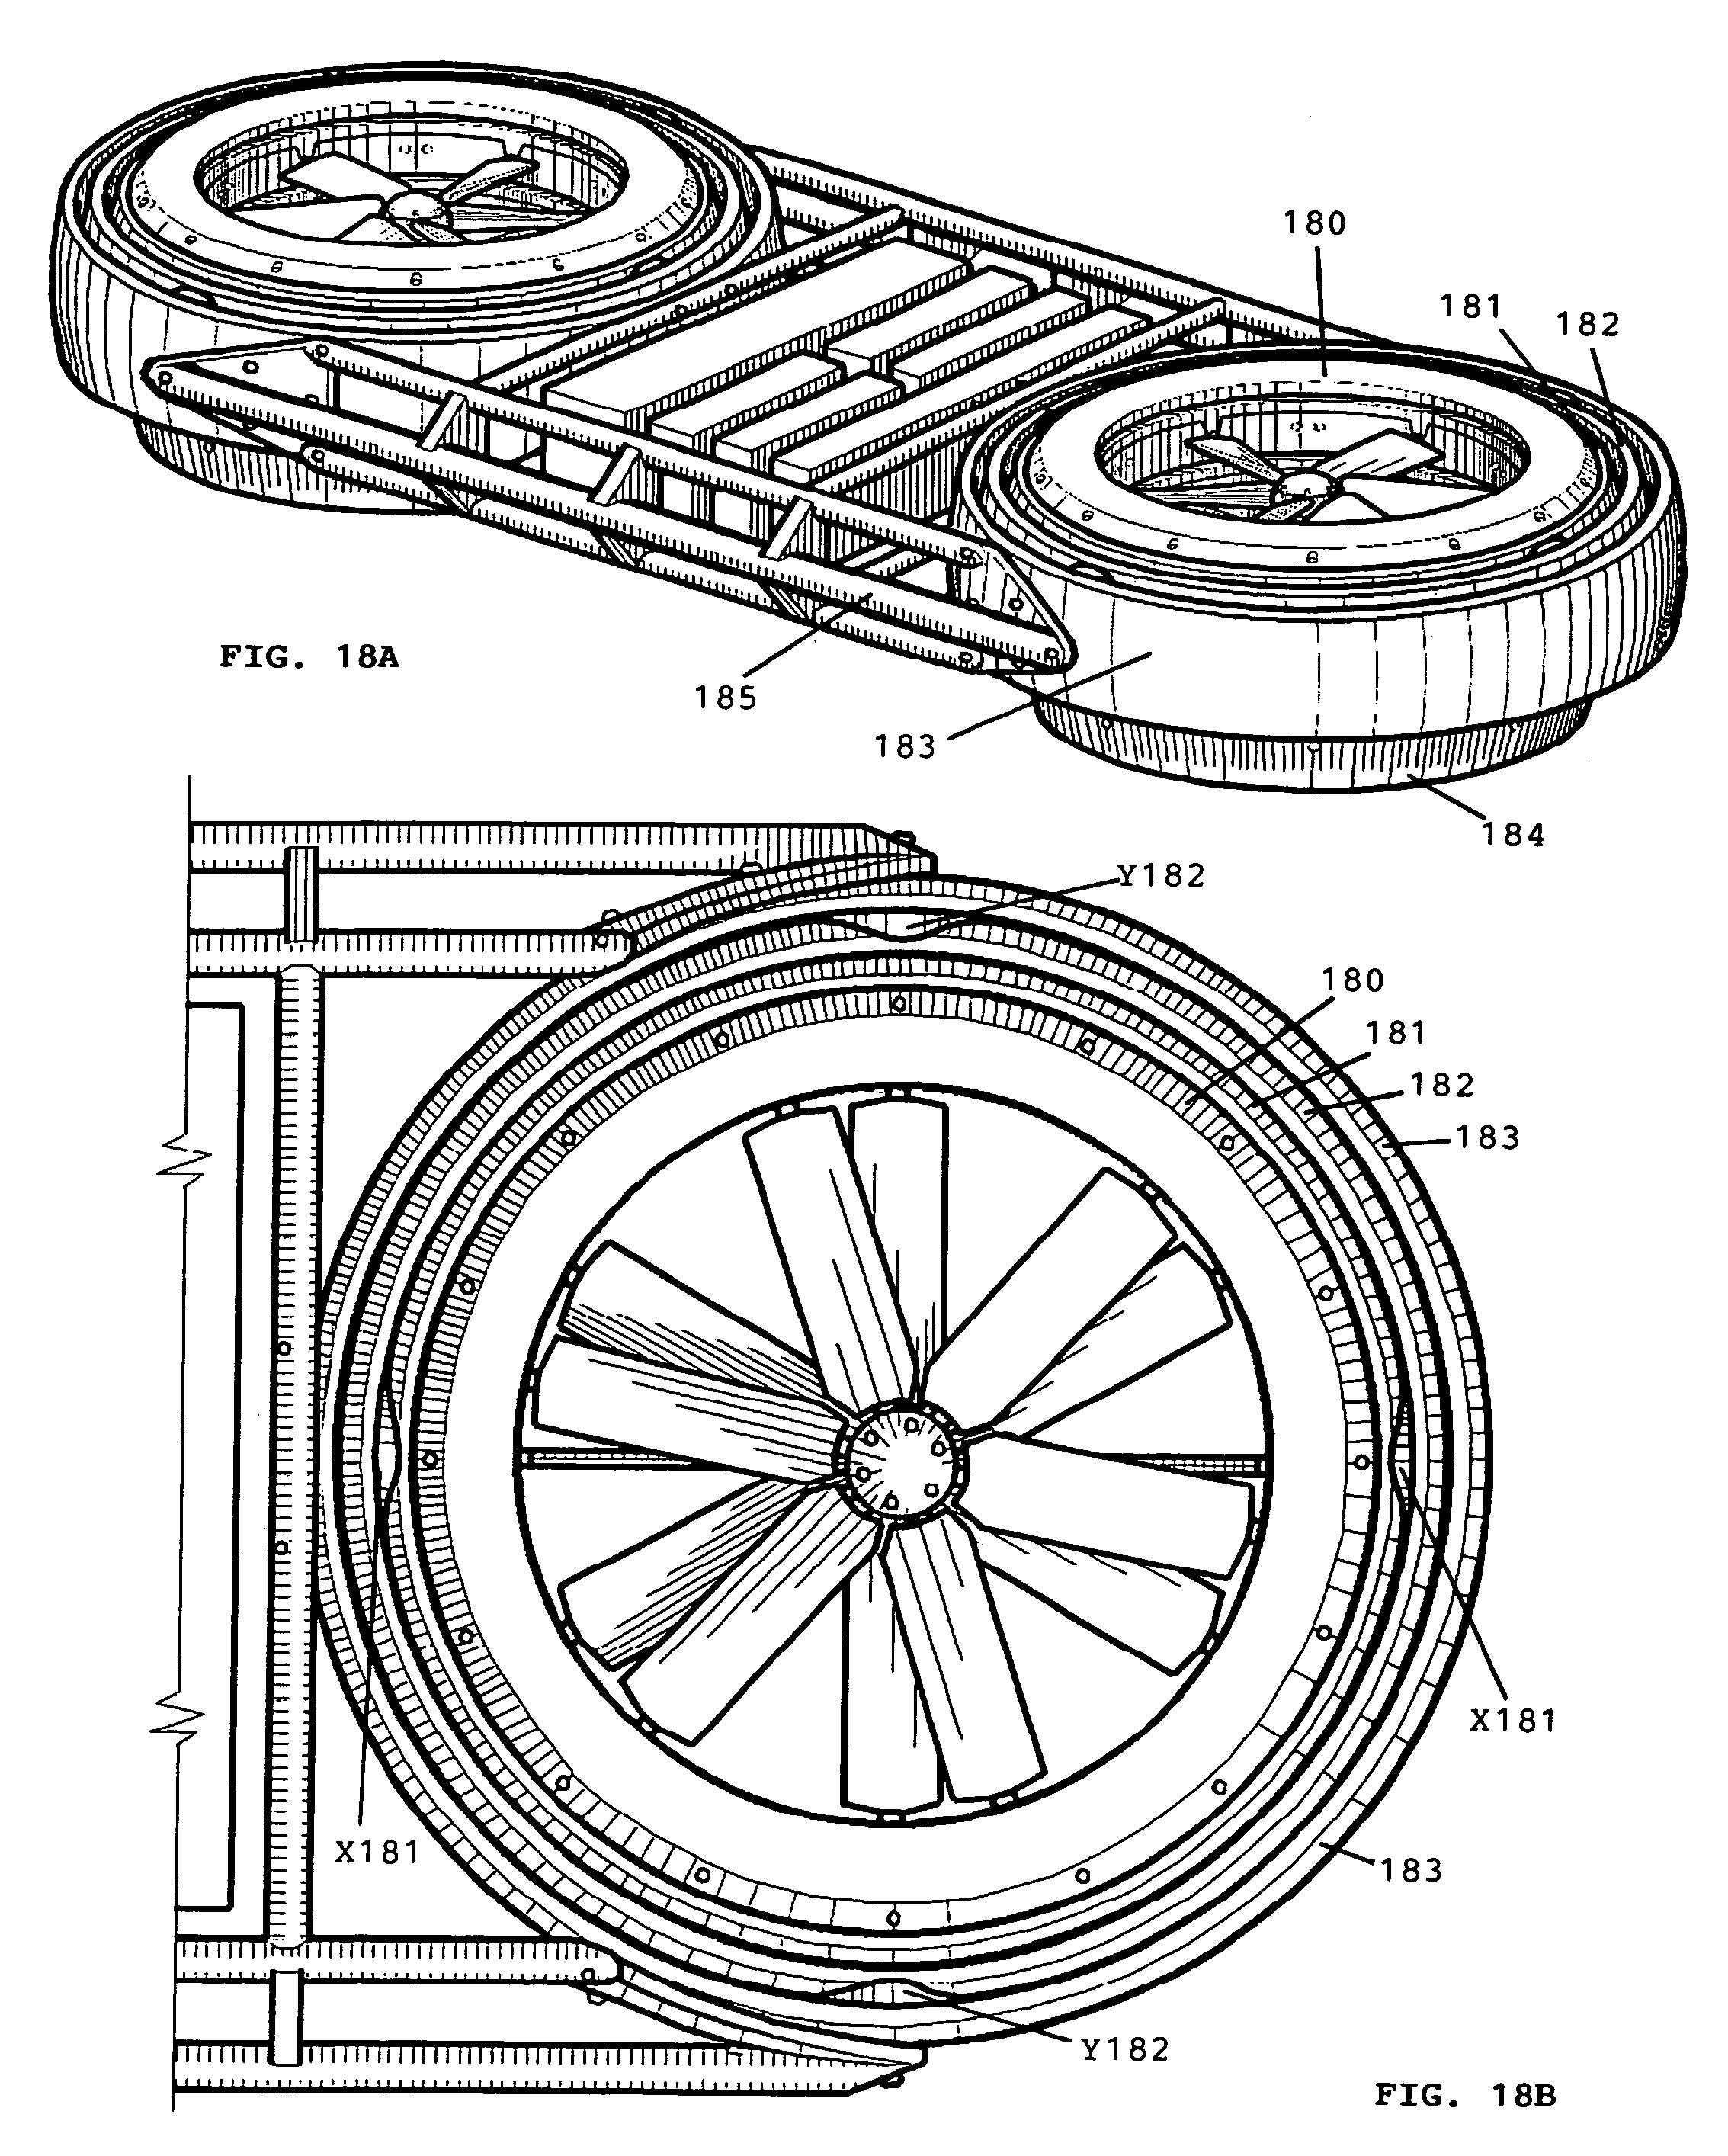 Wiring Diagram Of Honda Xrm 125 also Honda Rs Xrm 125 Motorcycle Wiring Diagram further  on xrm rs 125 wiring diagram